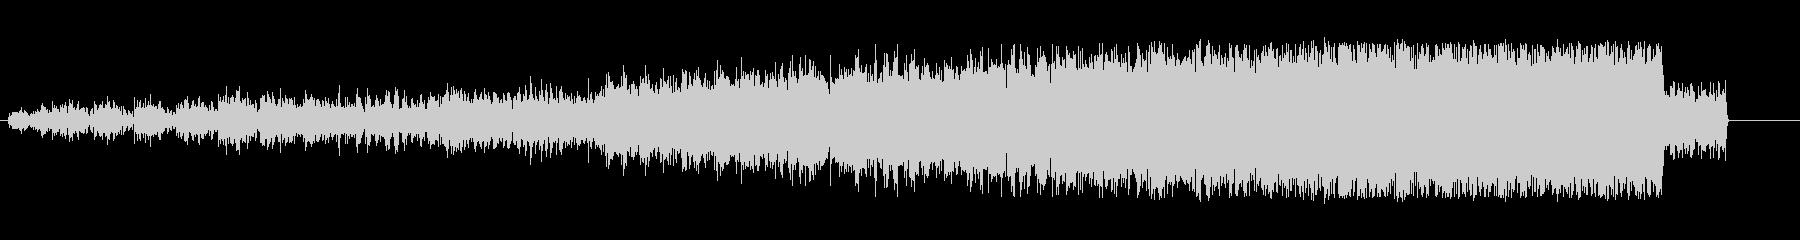 上昇 テープマシンノイズスピンアップ05の未再生の波形